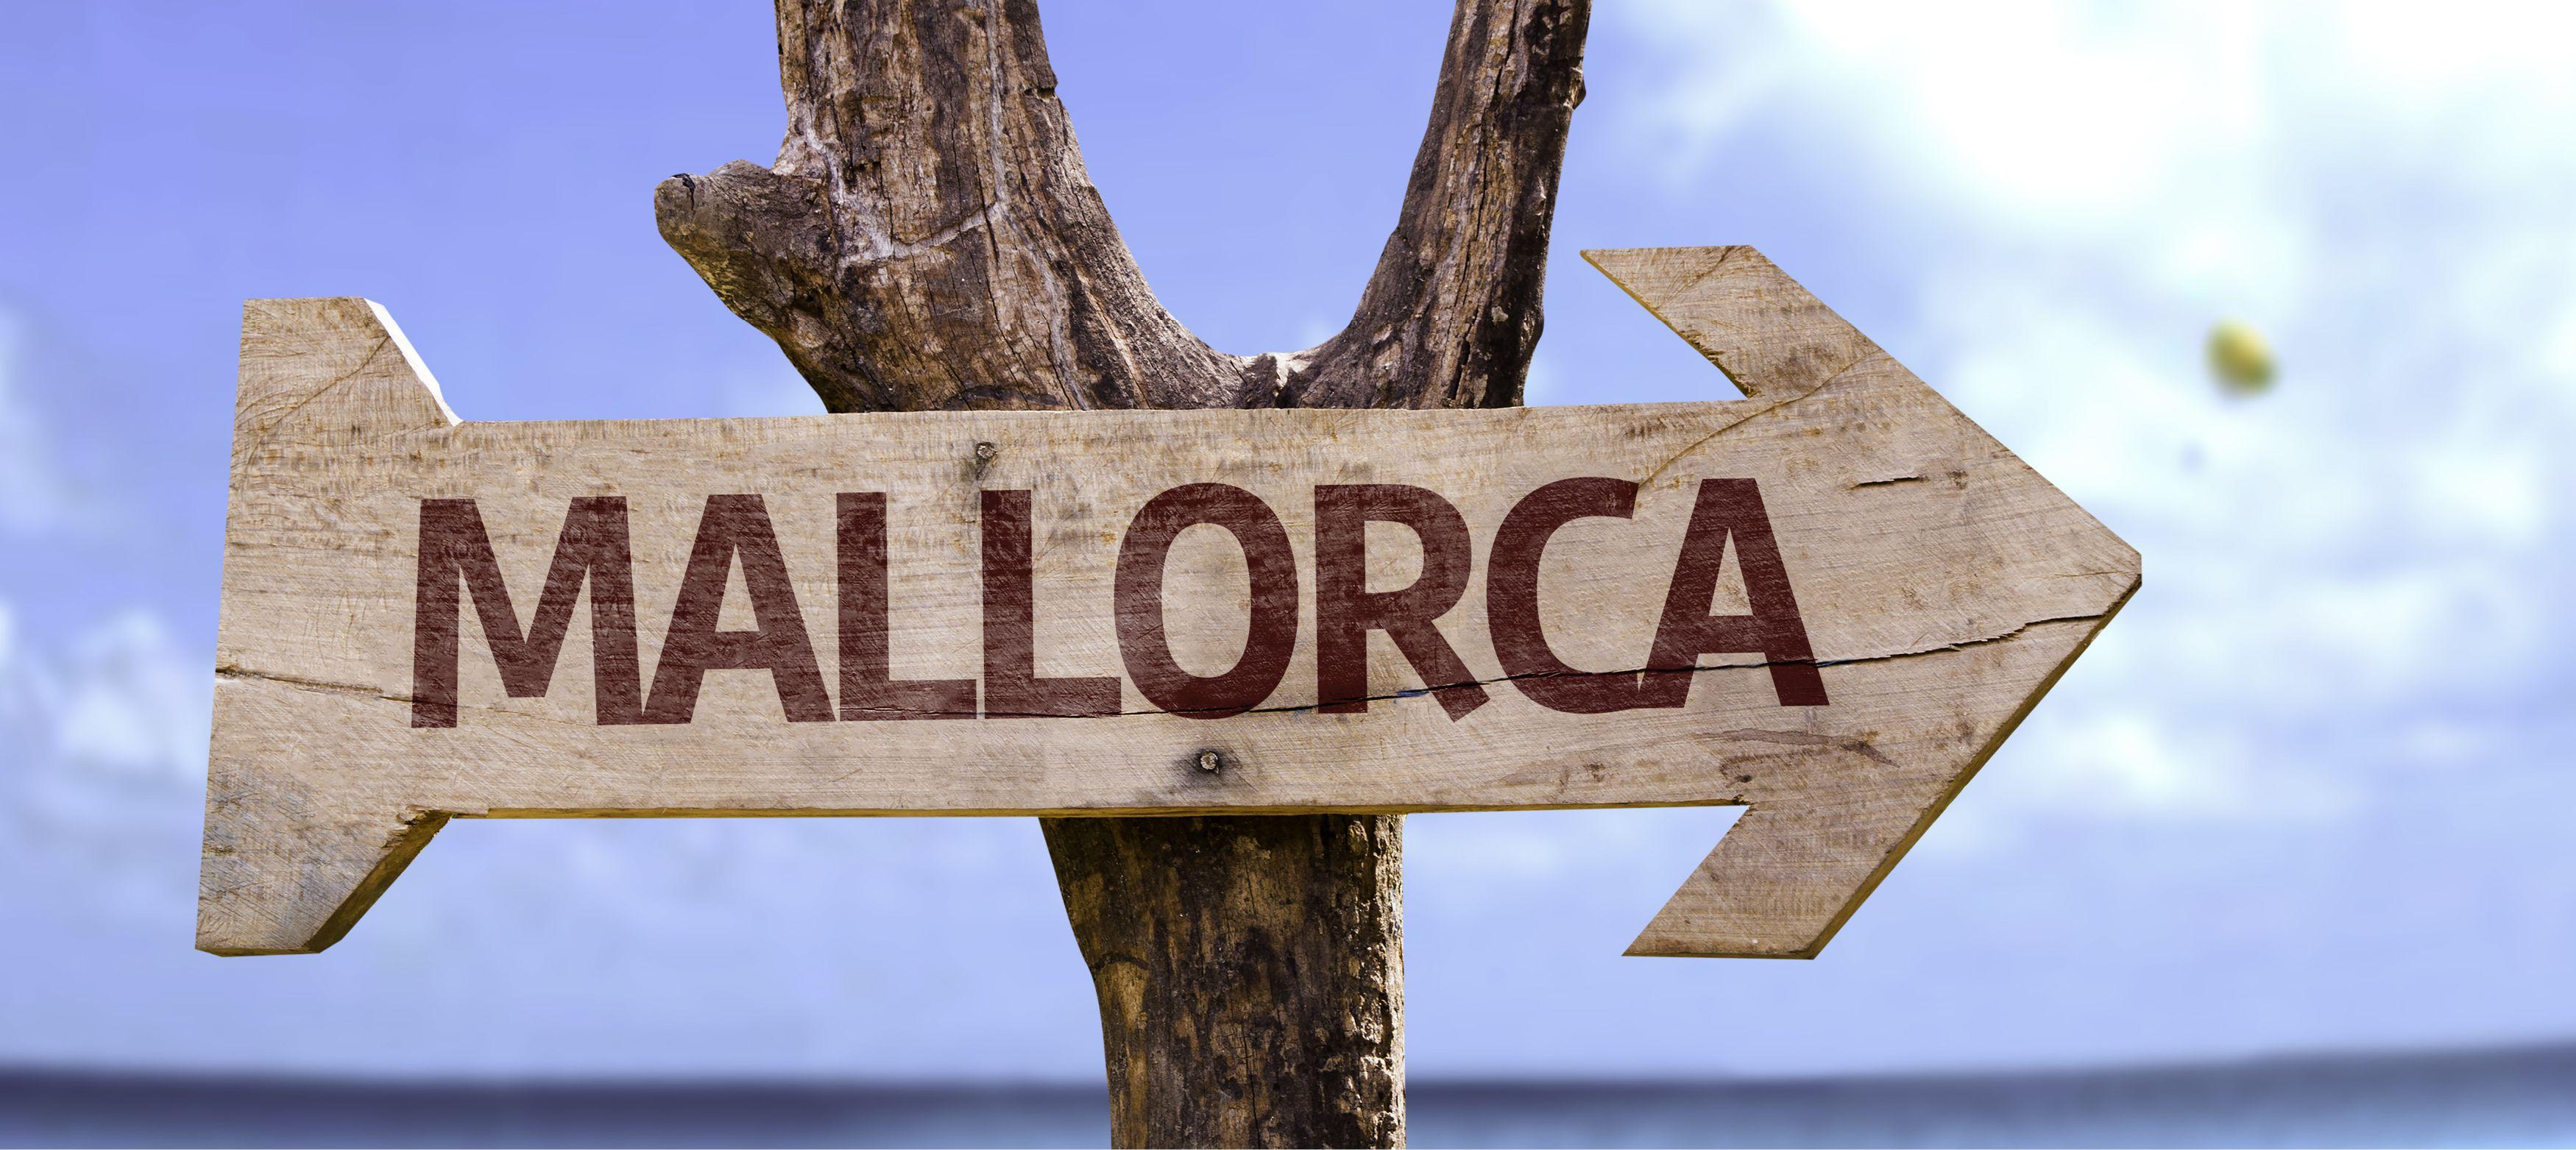 träskylt vid havet med texten mallorca